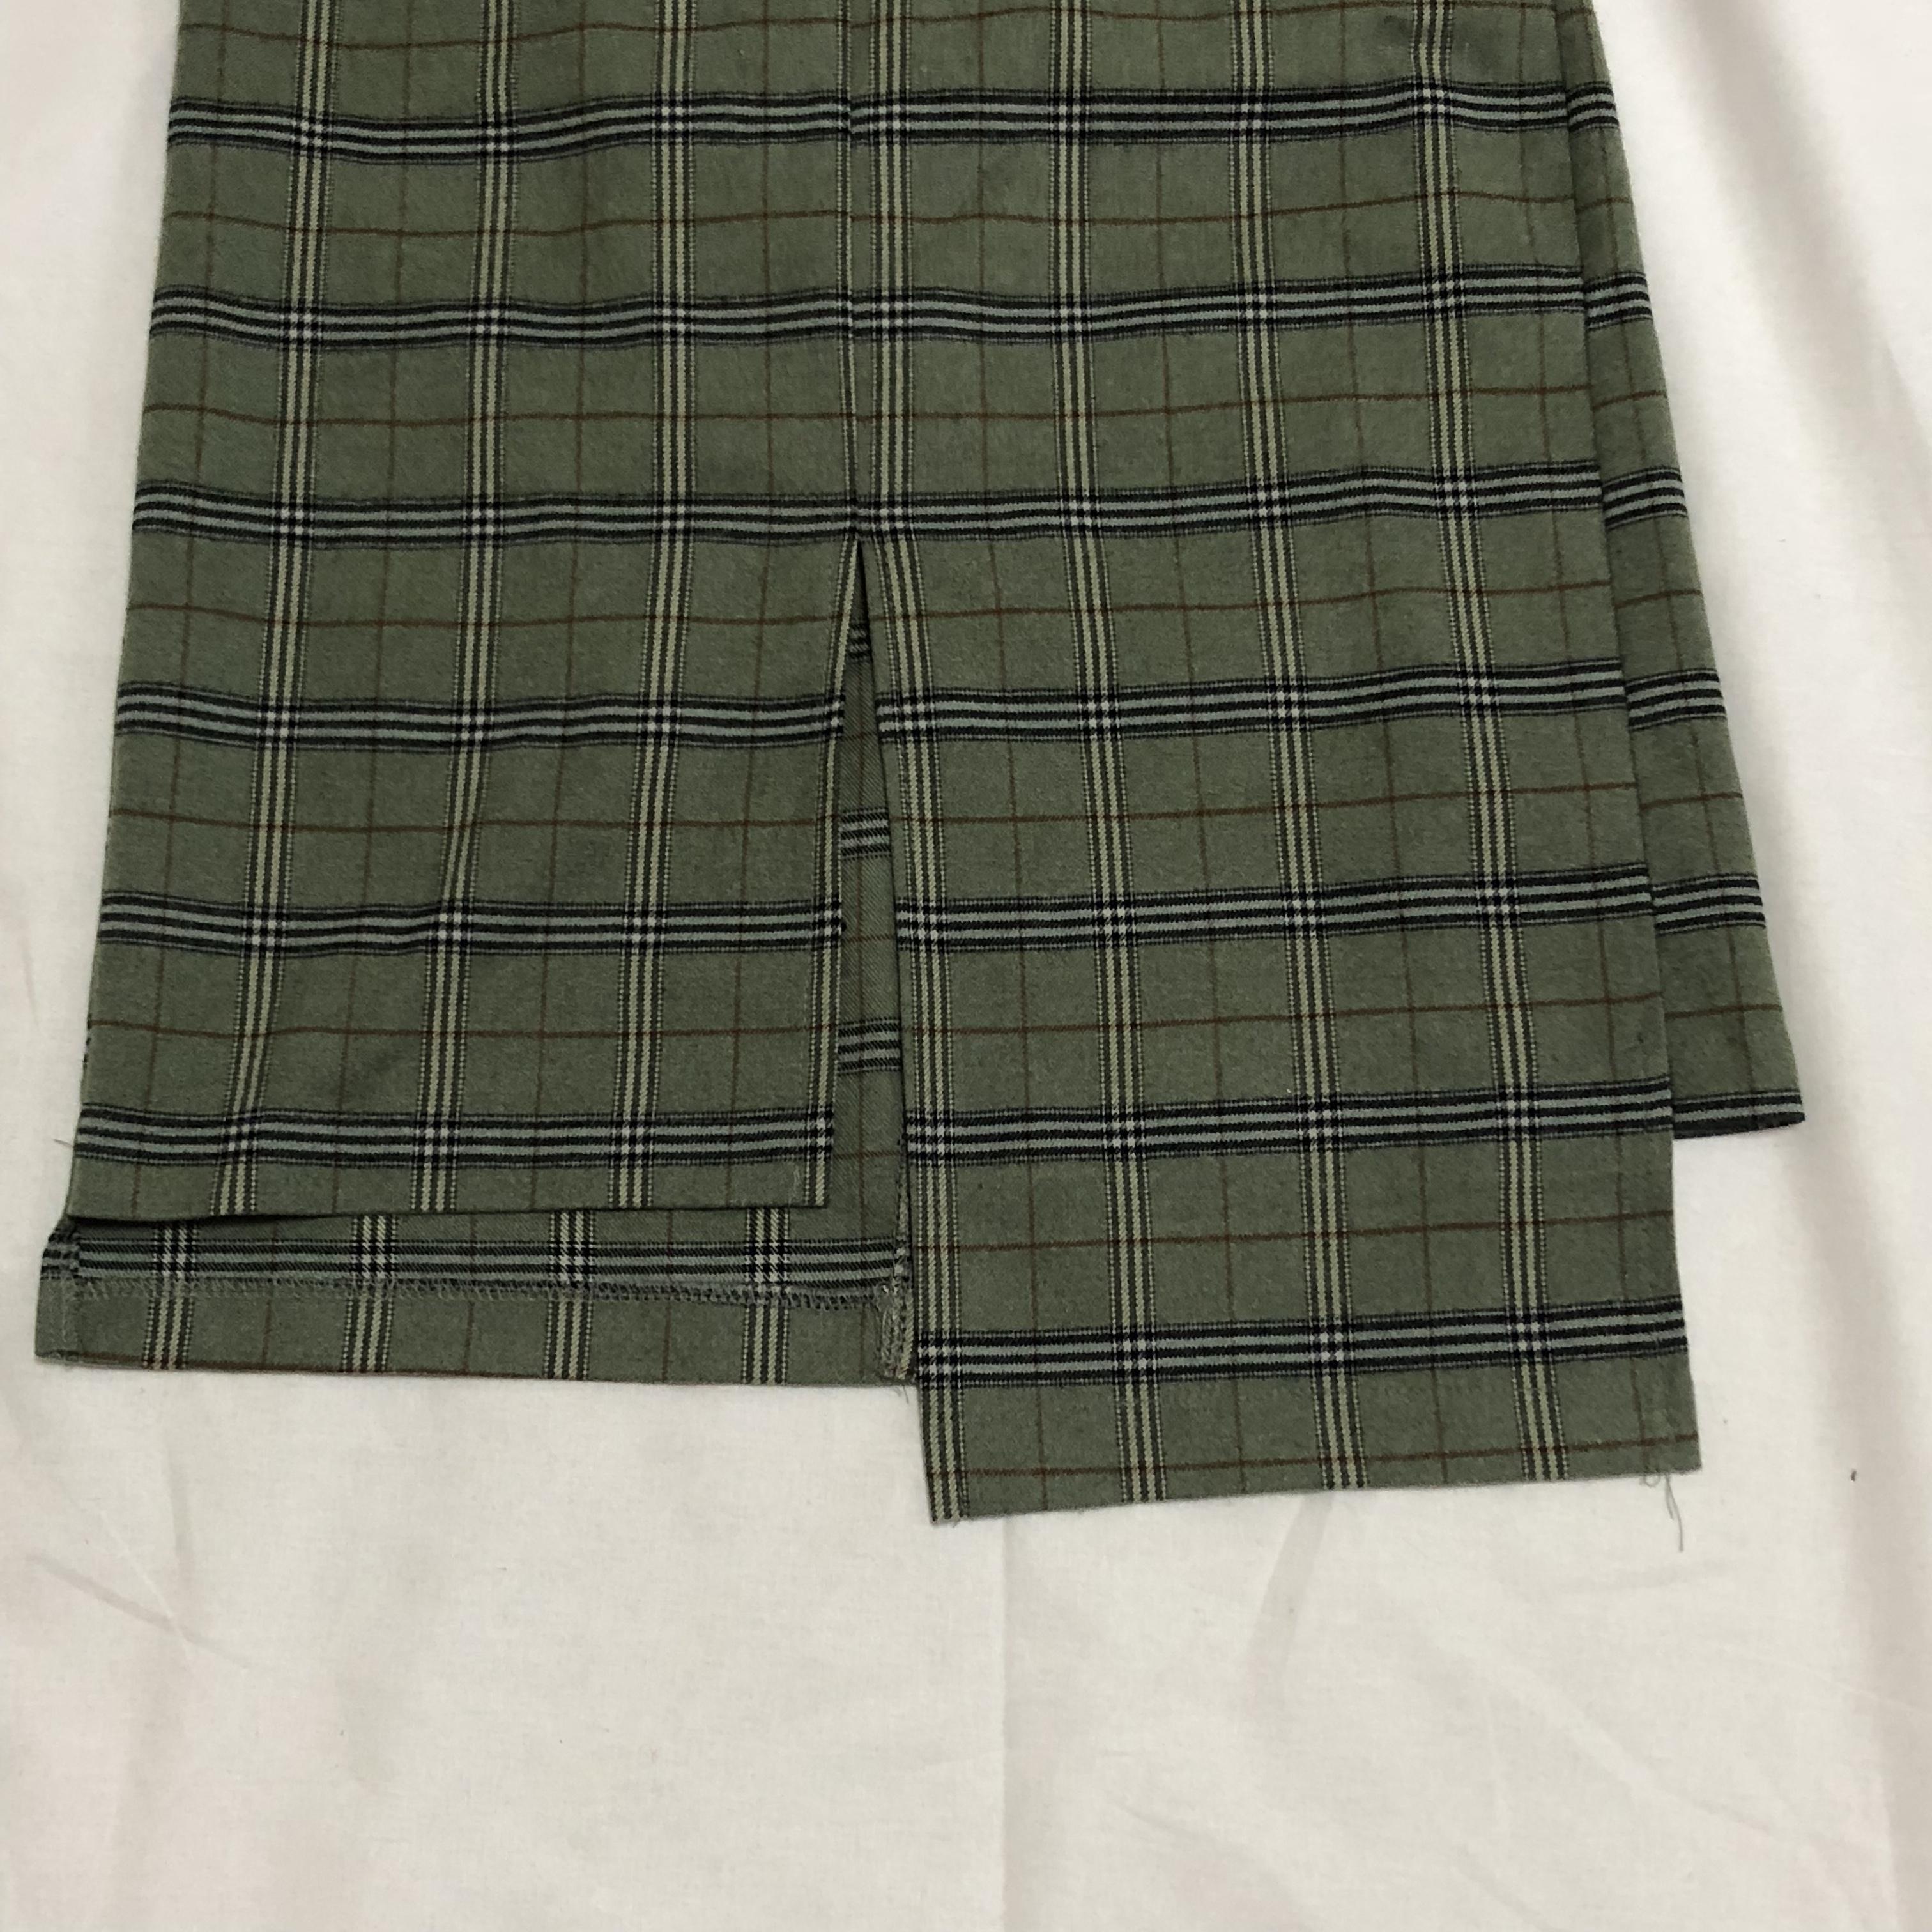 slit check long skirt(green)